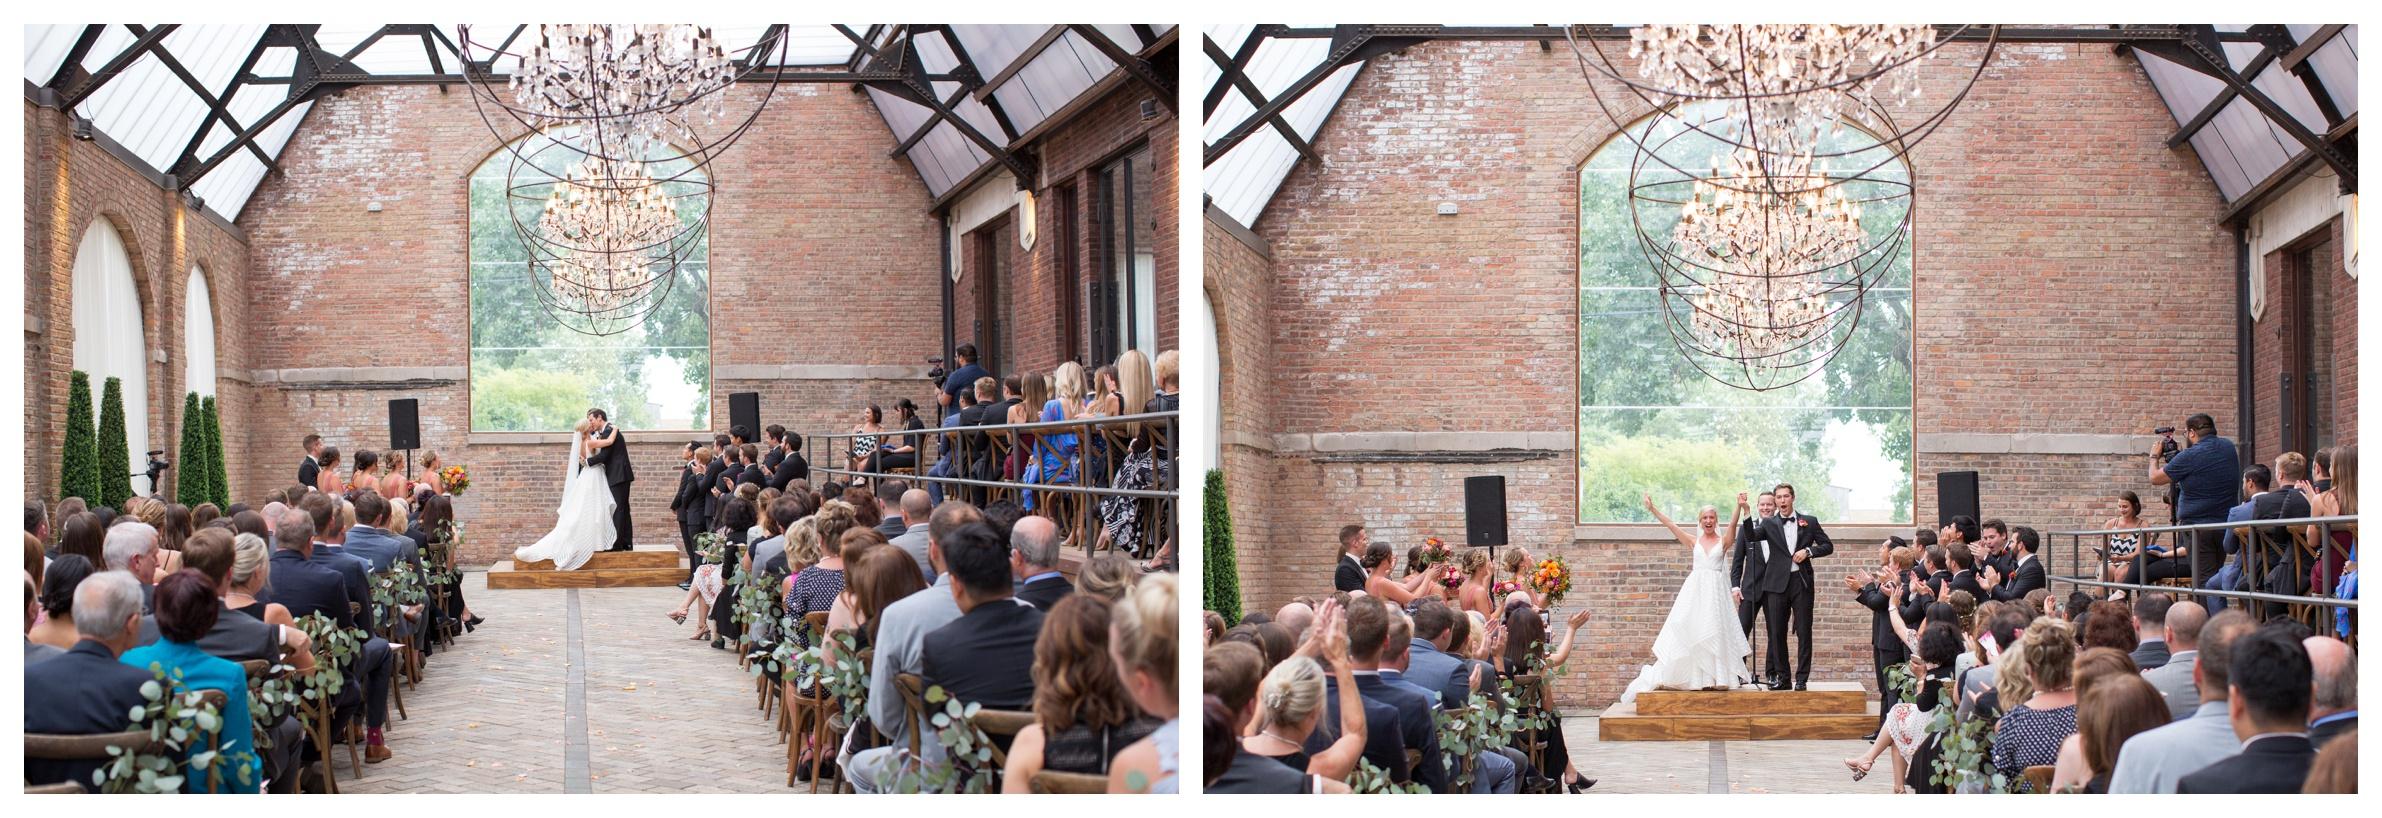 bridgeport-art-center-sculpture-garden-wedding-ceremony-pictures